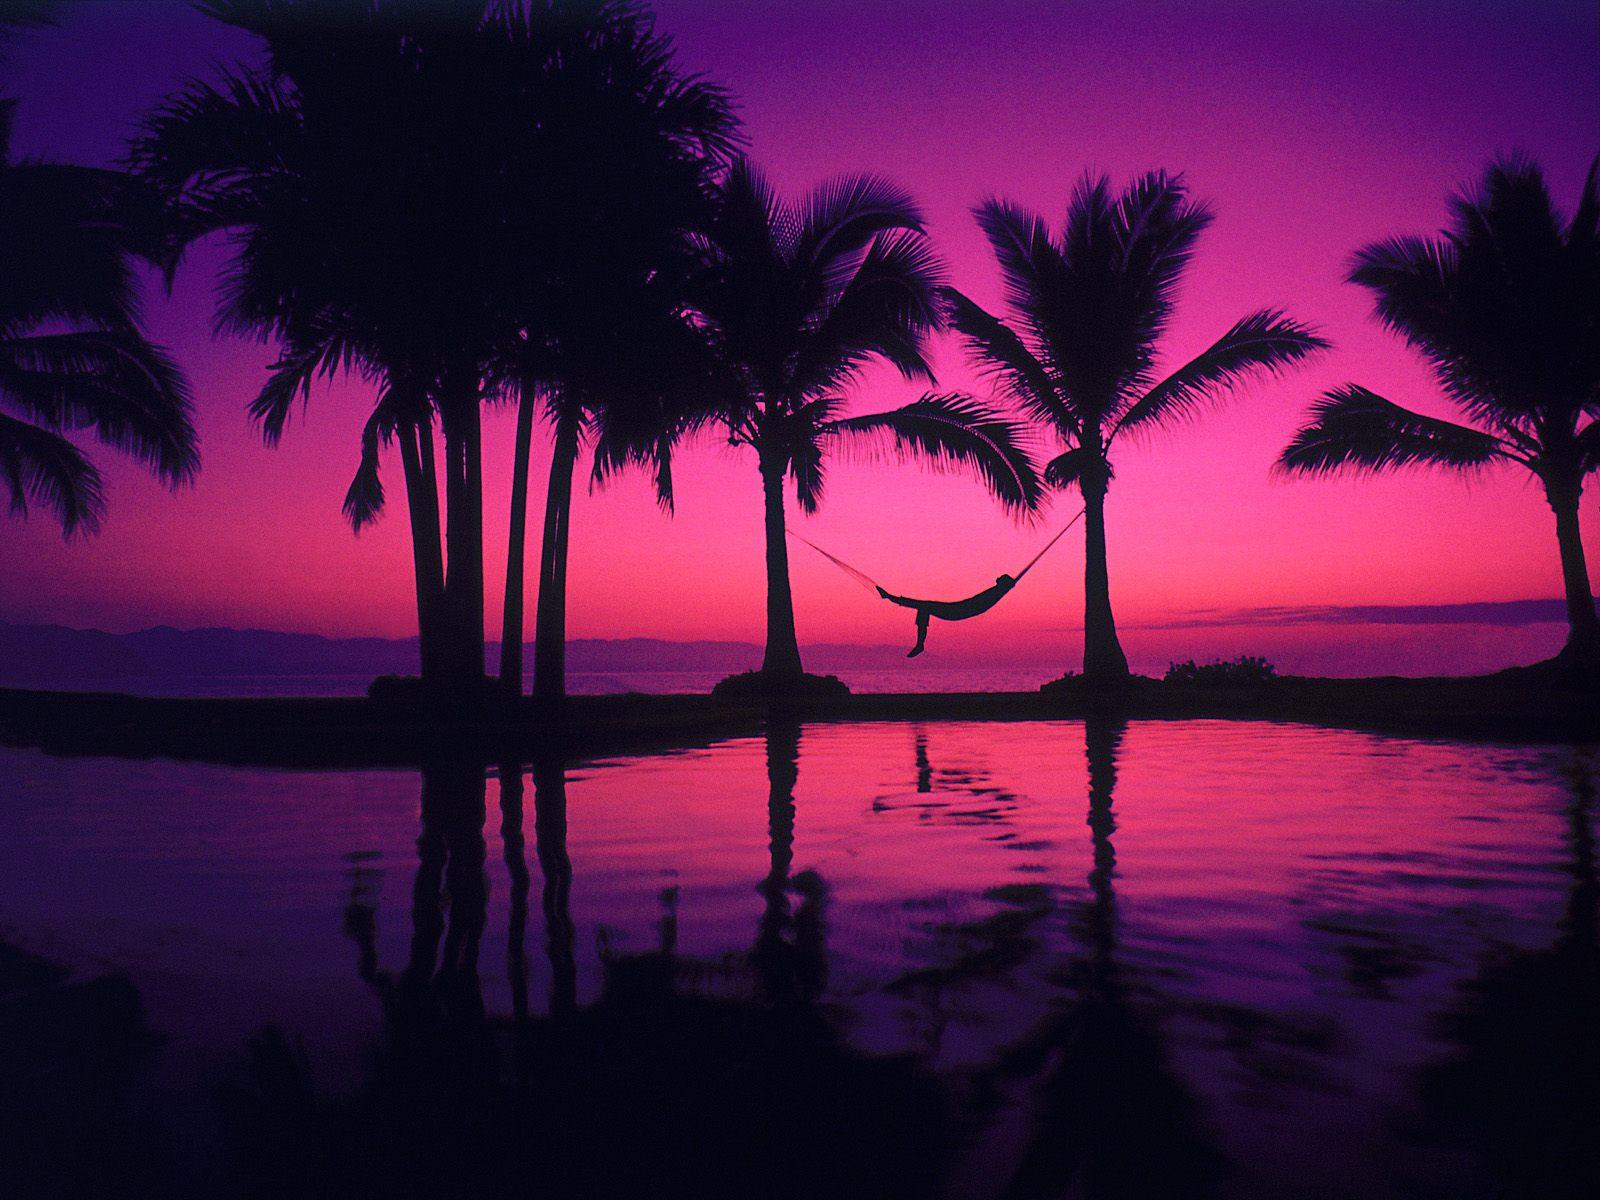 beautiful sunset wallpaper hd beautiful sunset wallpaper hd beautiful 1600x1200